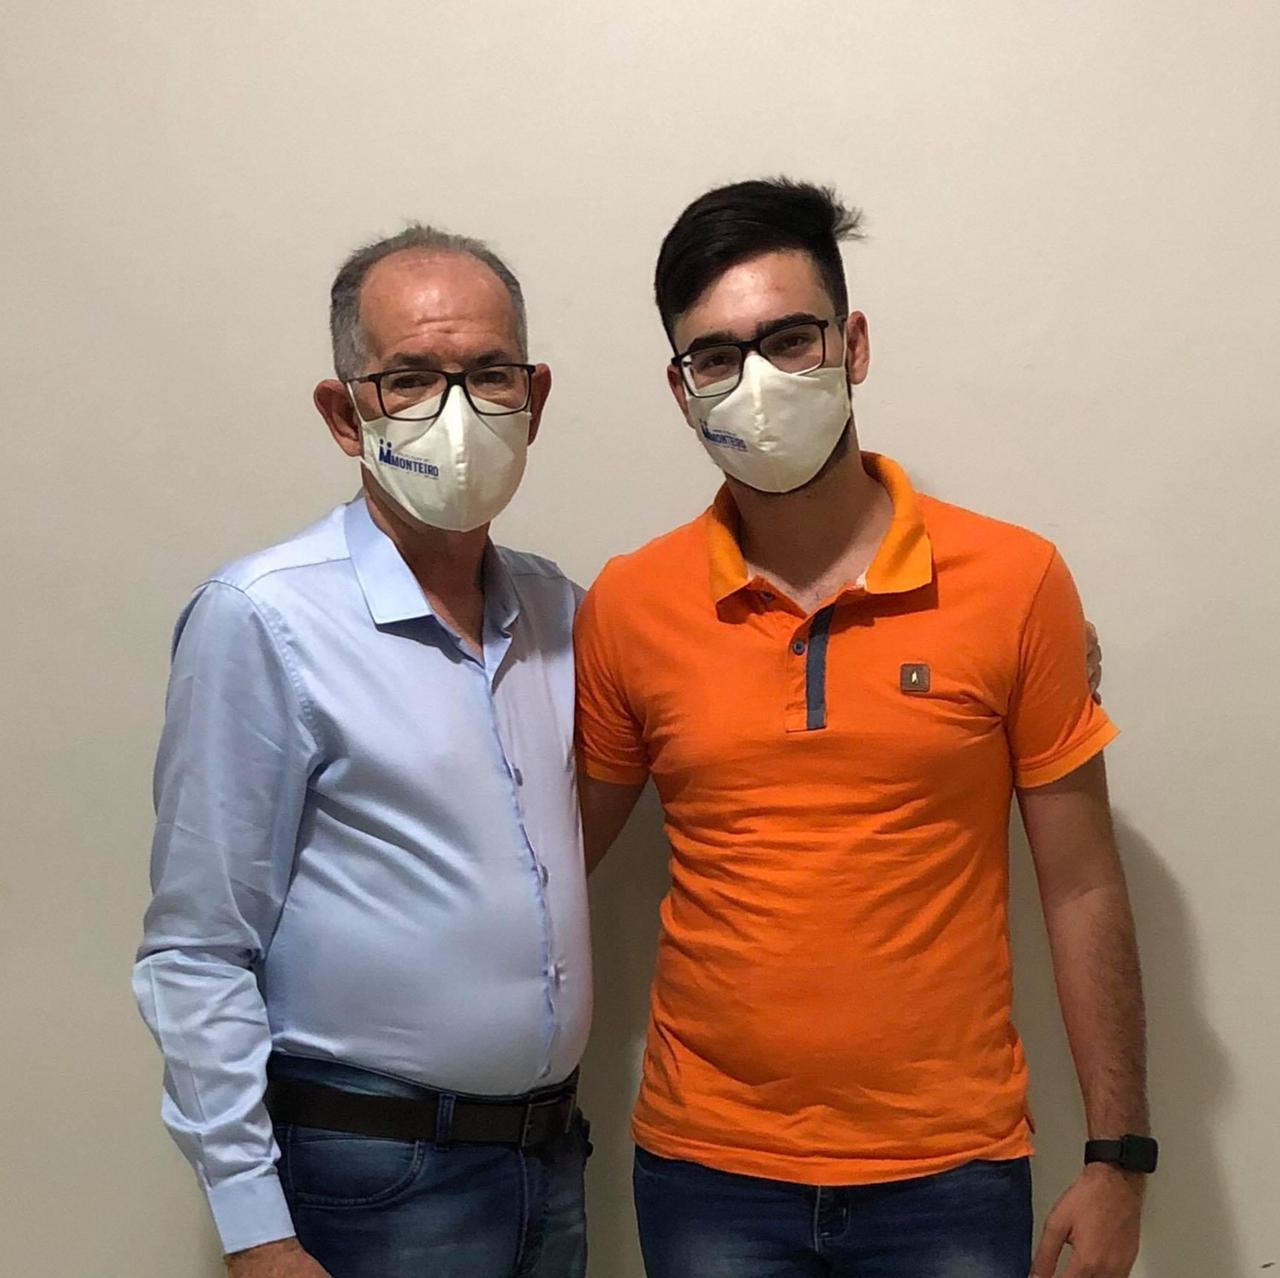 z Filho do ex-vereador e líder político Raul Formiga, Luís de Raul, afirma estar dando continuidade ao trabalho de seu pai na cidade de Monteiro